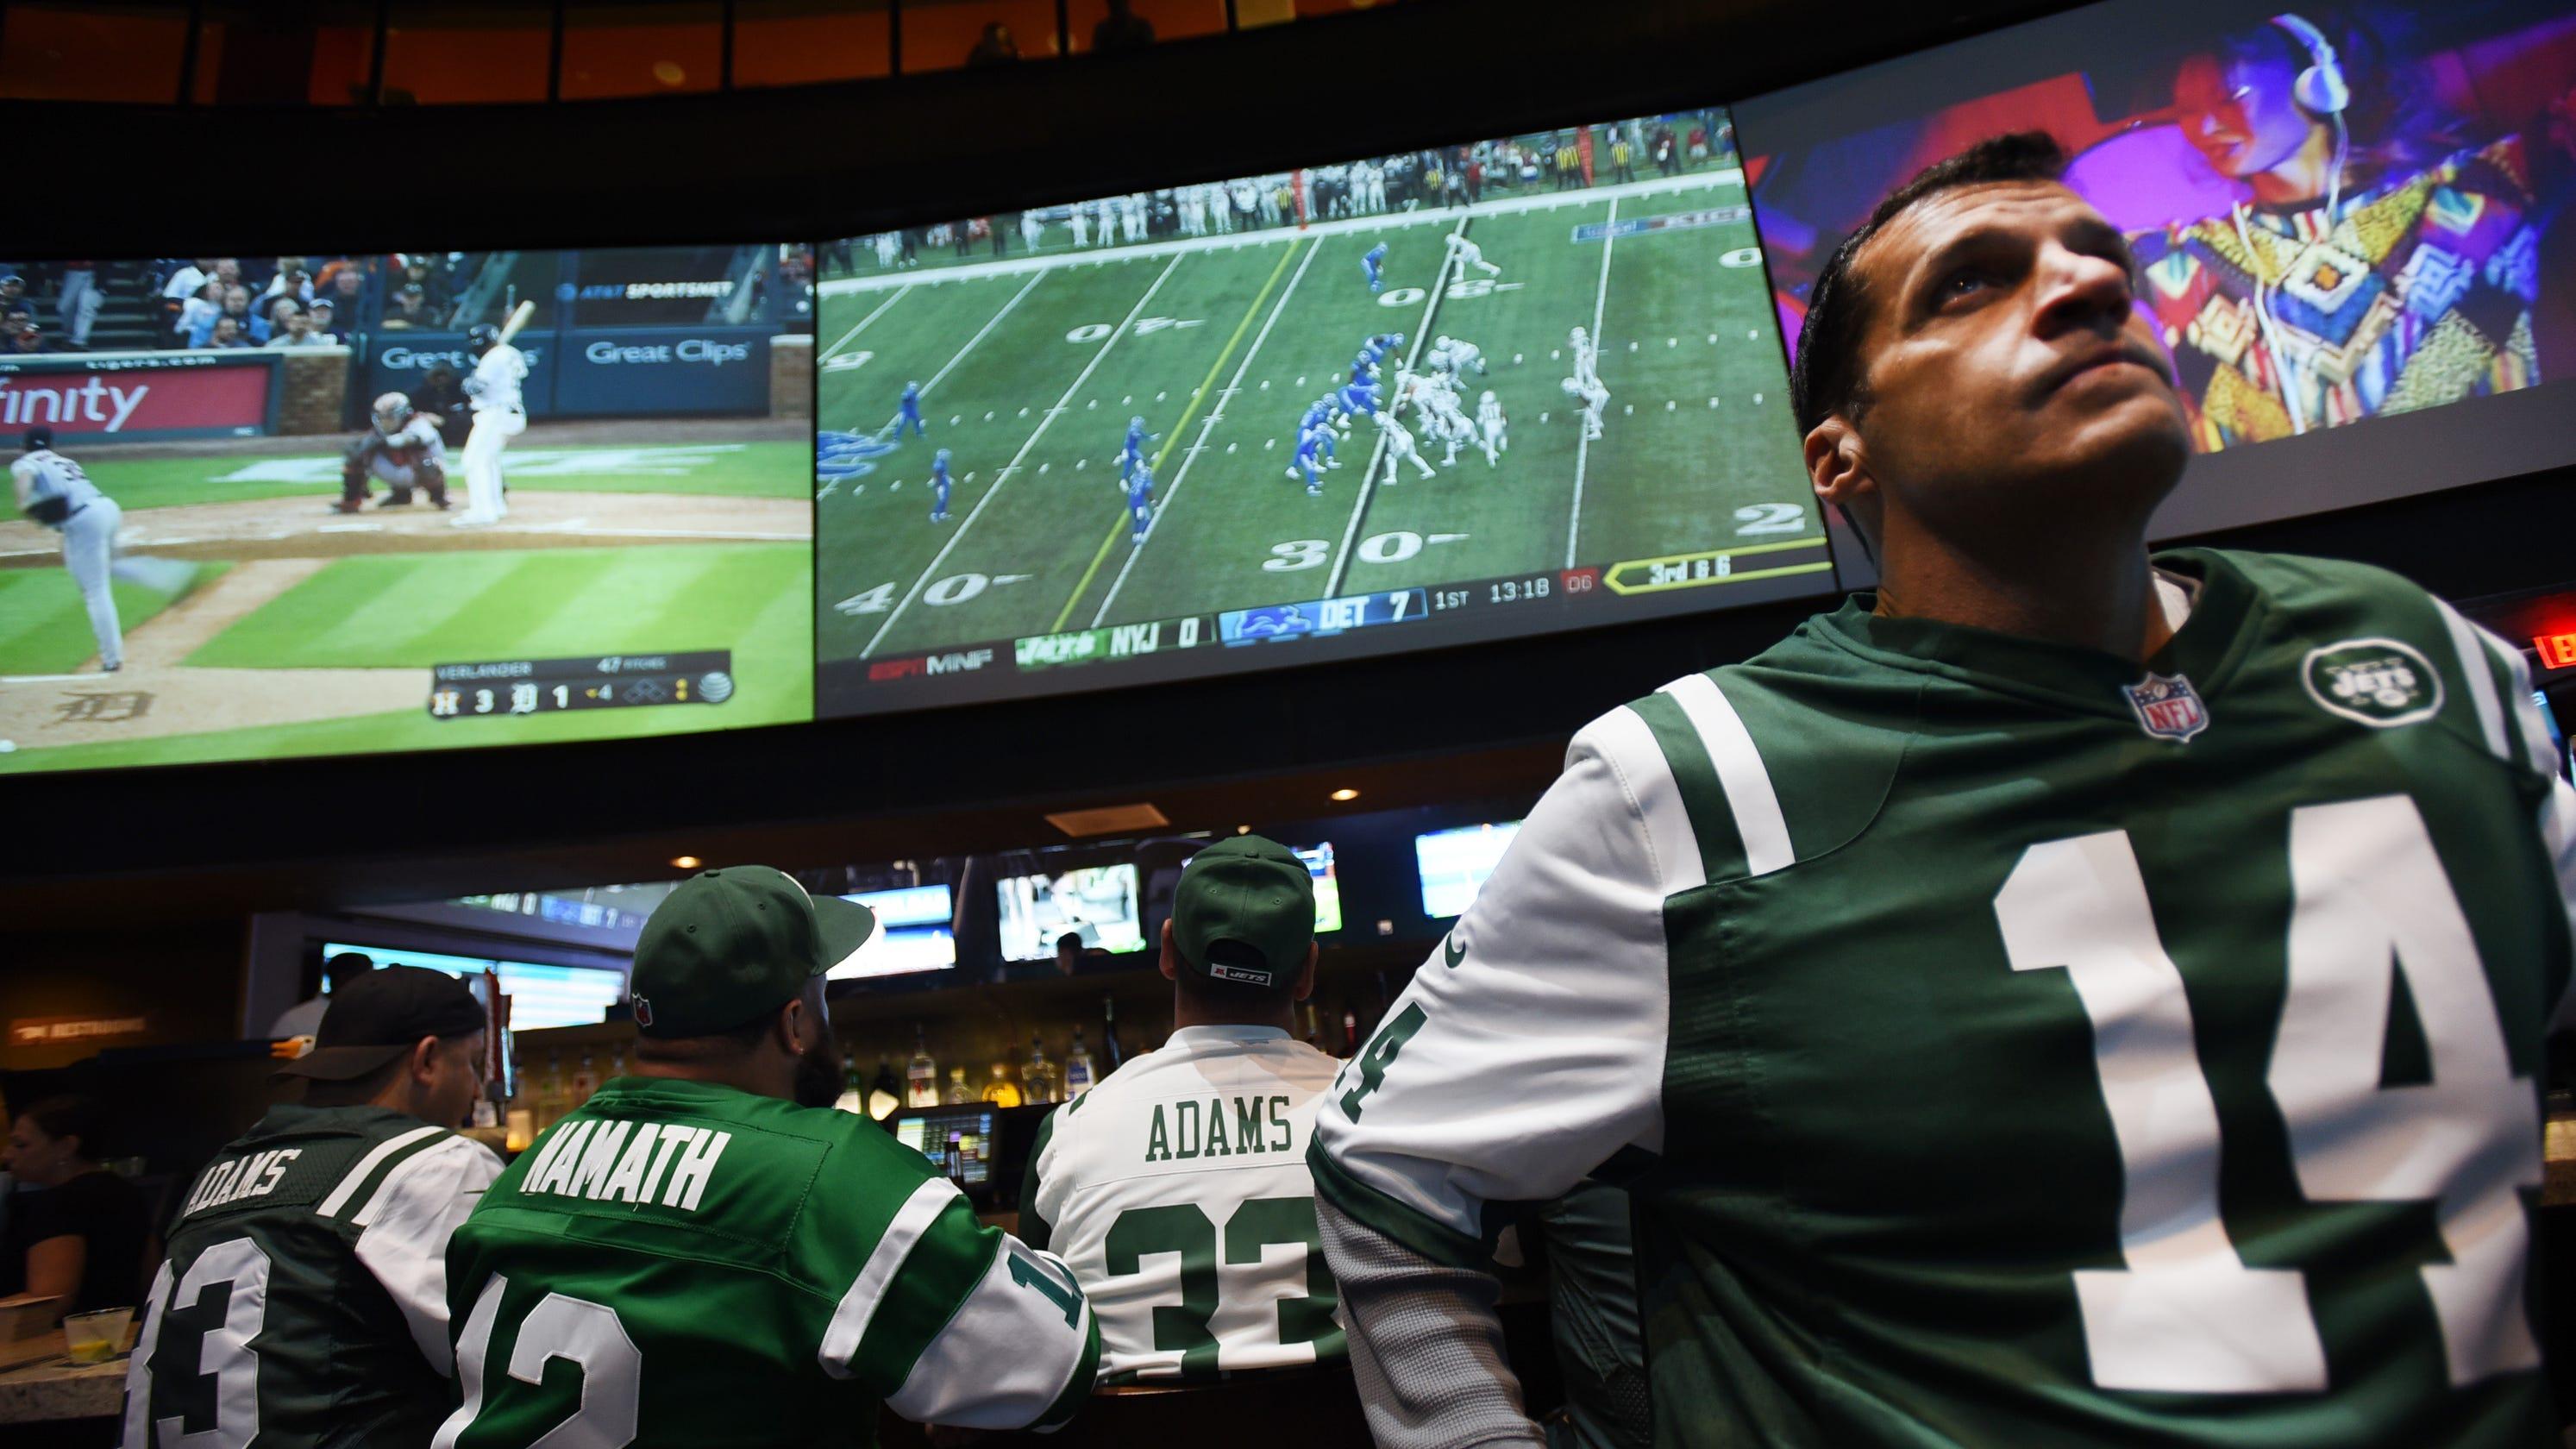 Fl sports betting 411 betting system nfl